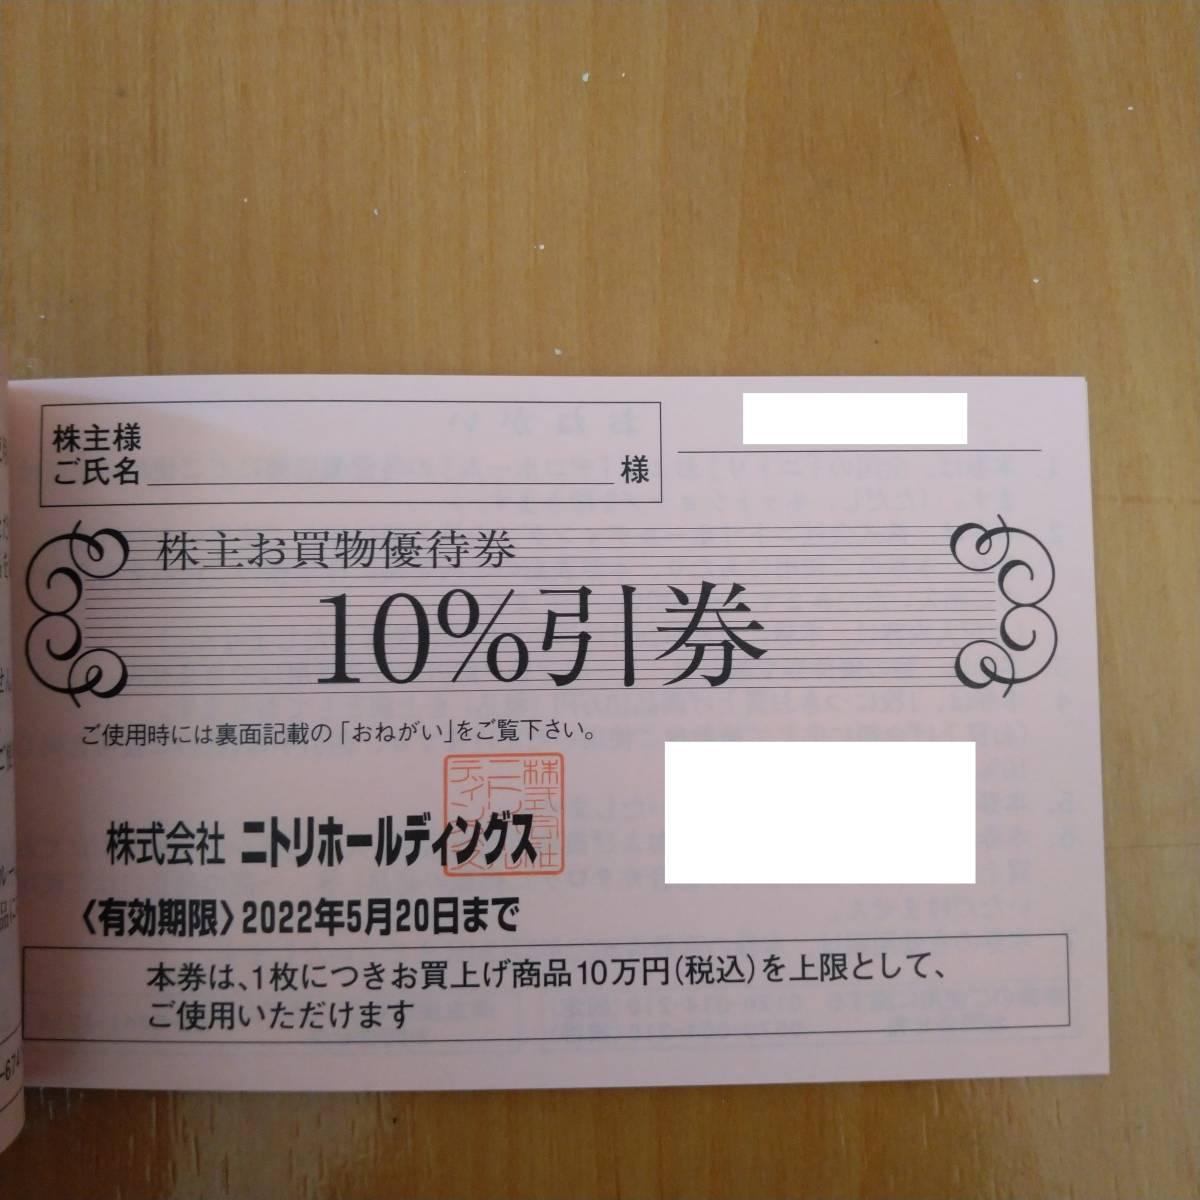 ニトリ 株主お買い物優待券 10%割引券 5枚_画像2